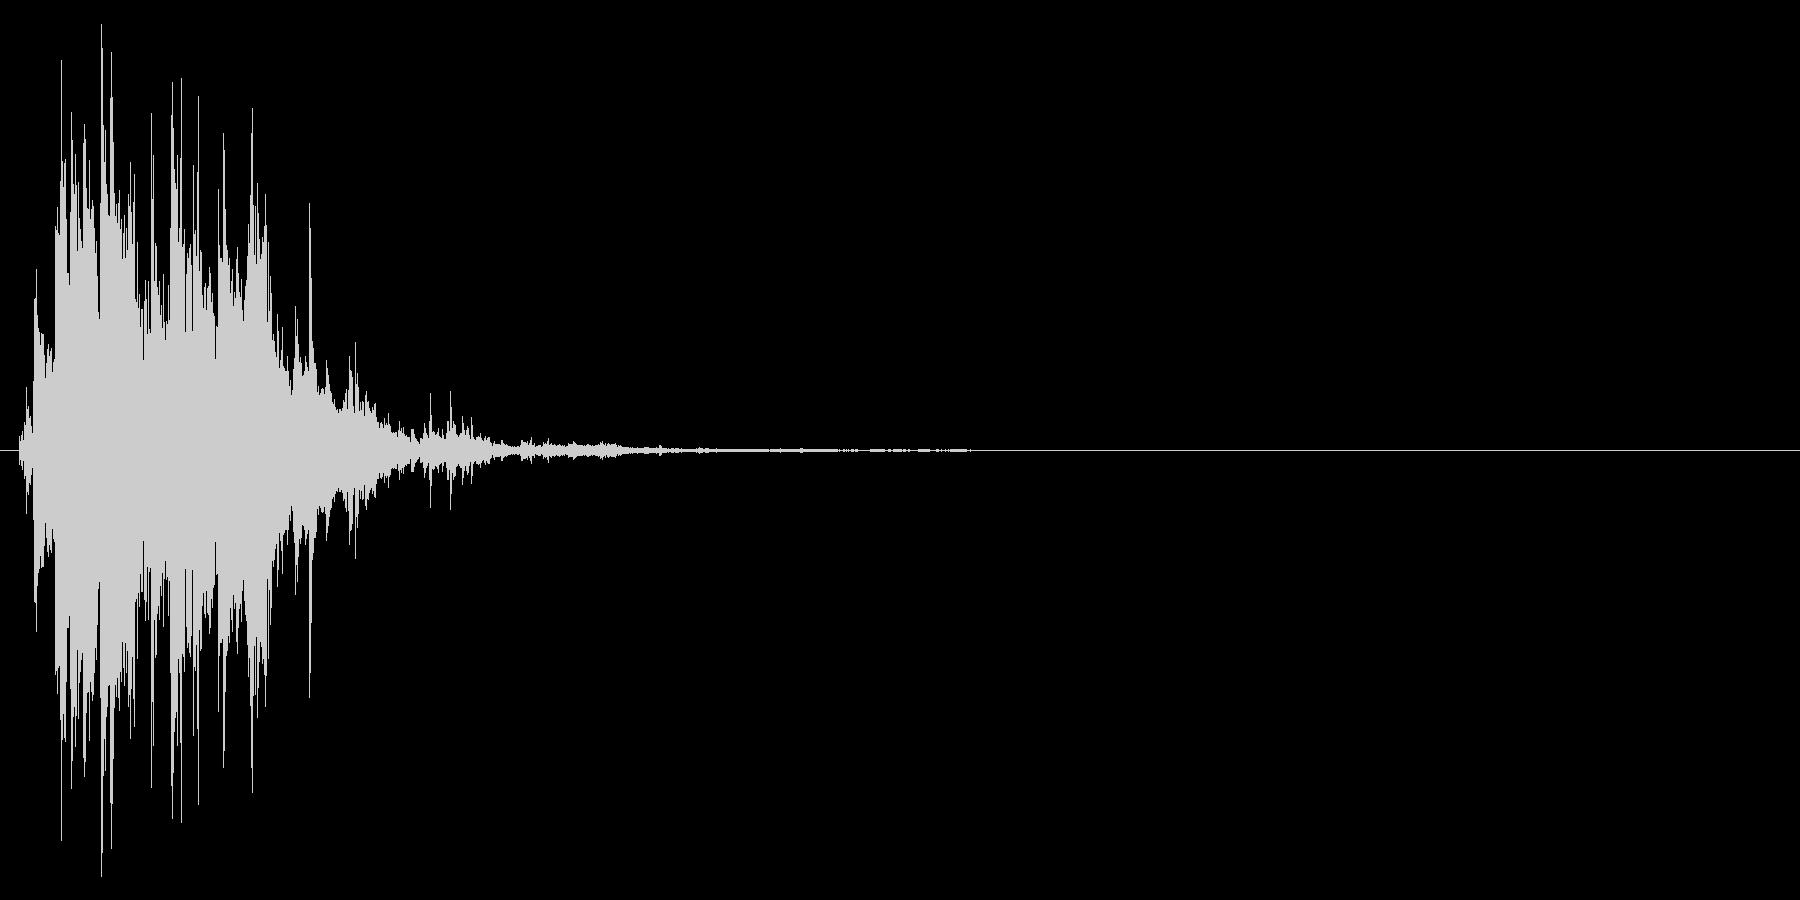 カラカラン(氷の音)の未再生の波形